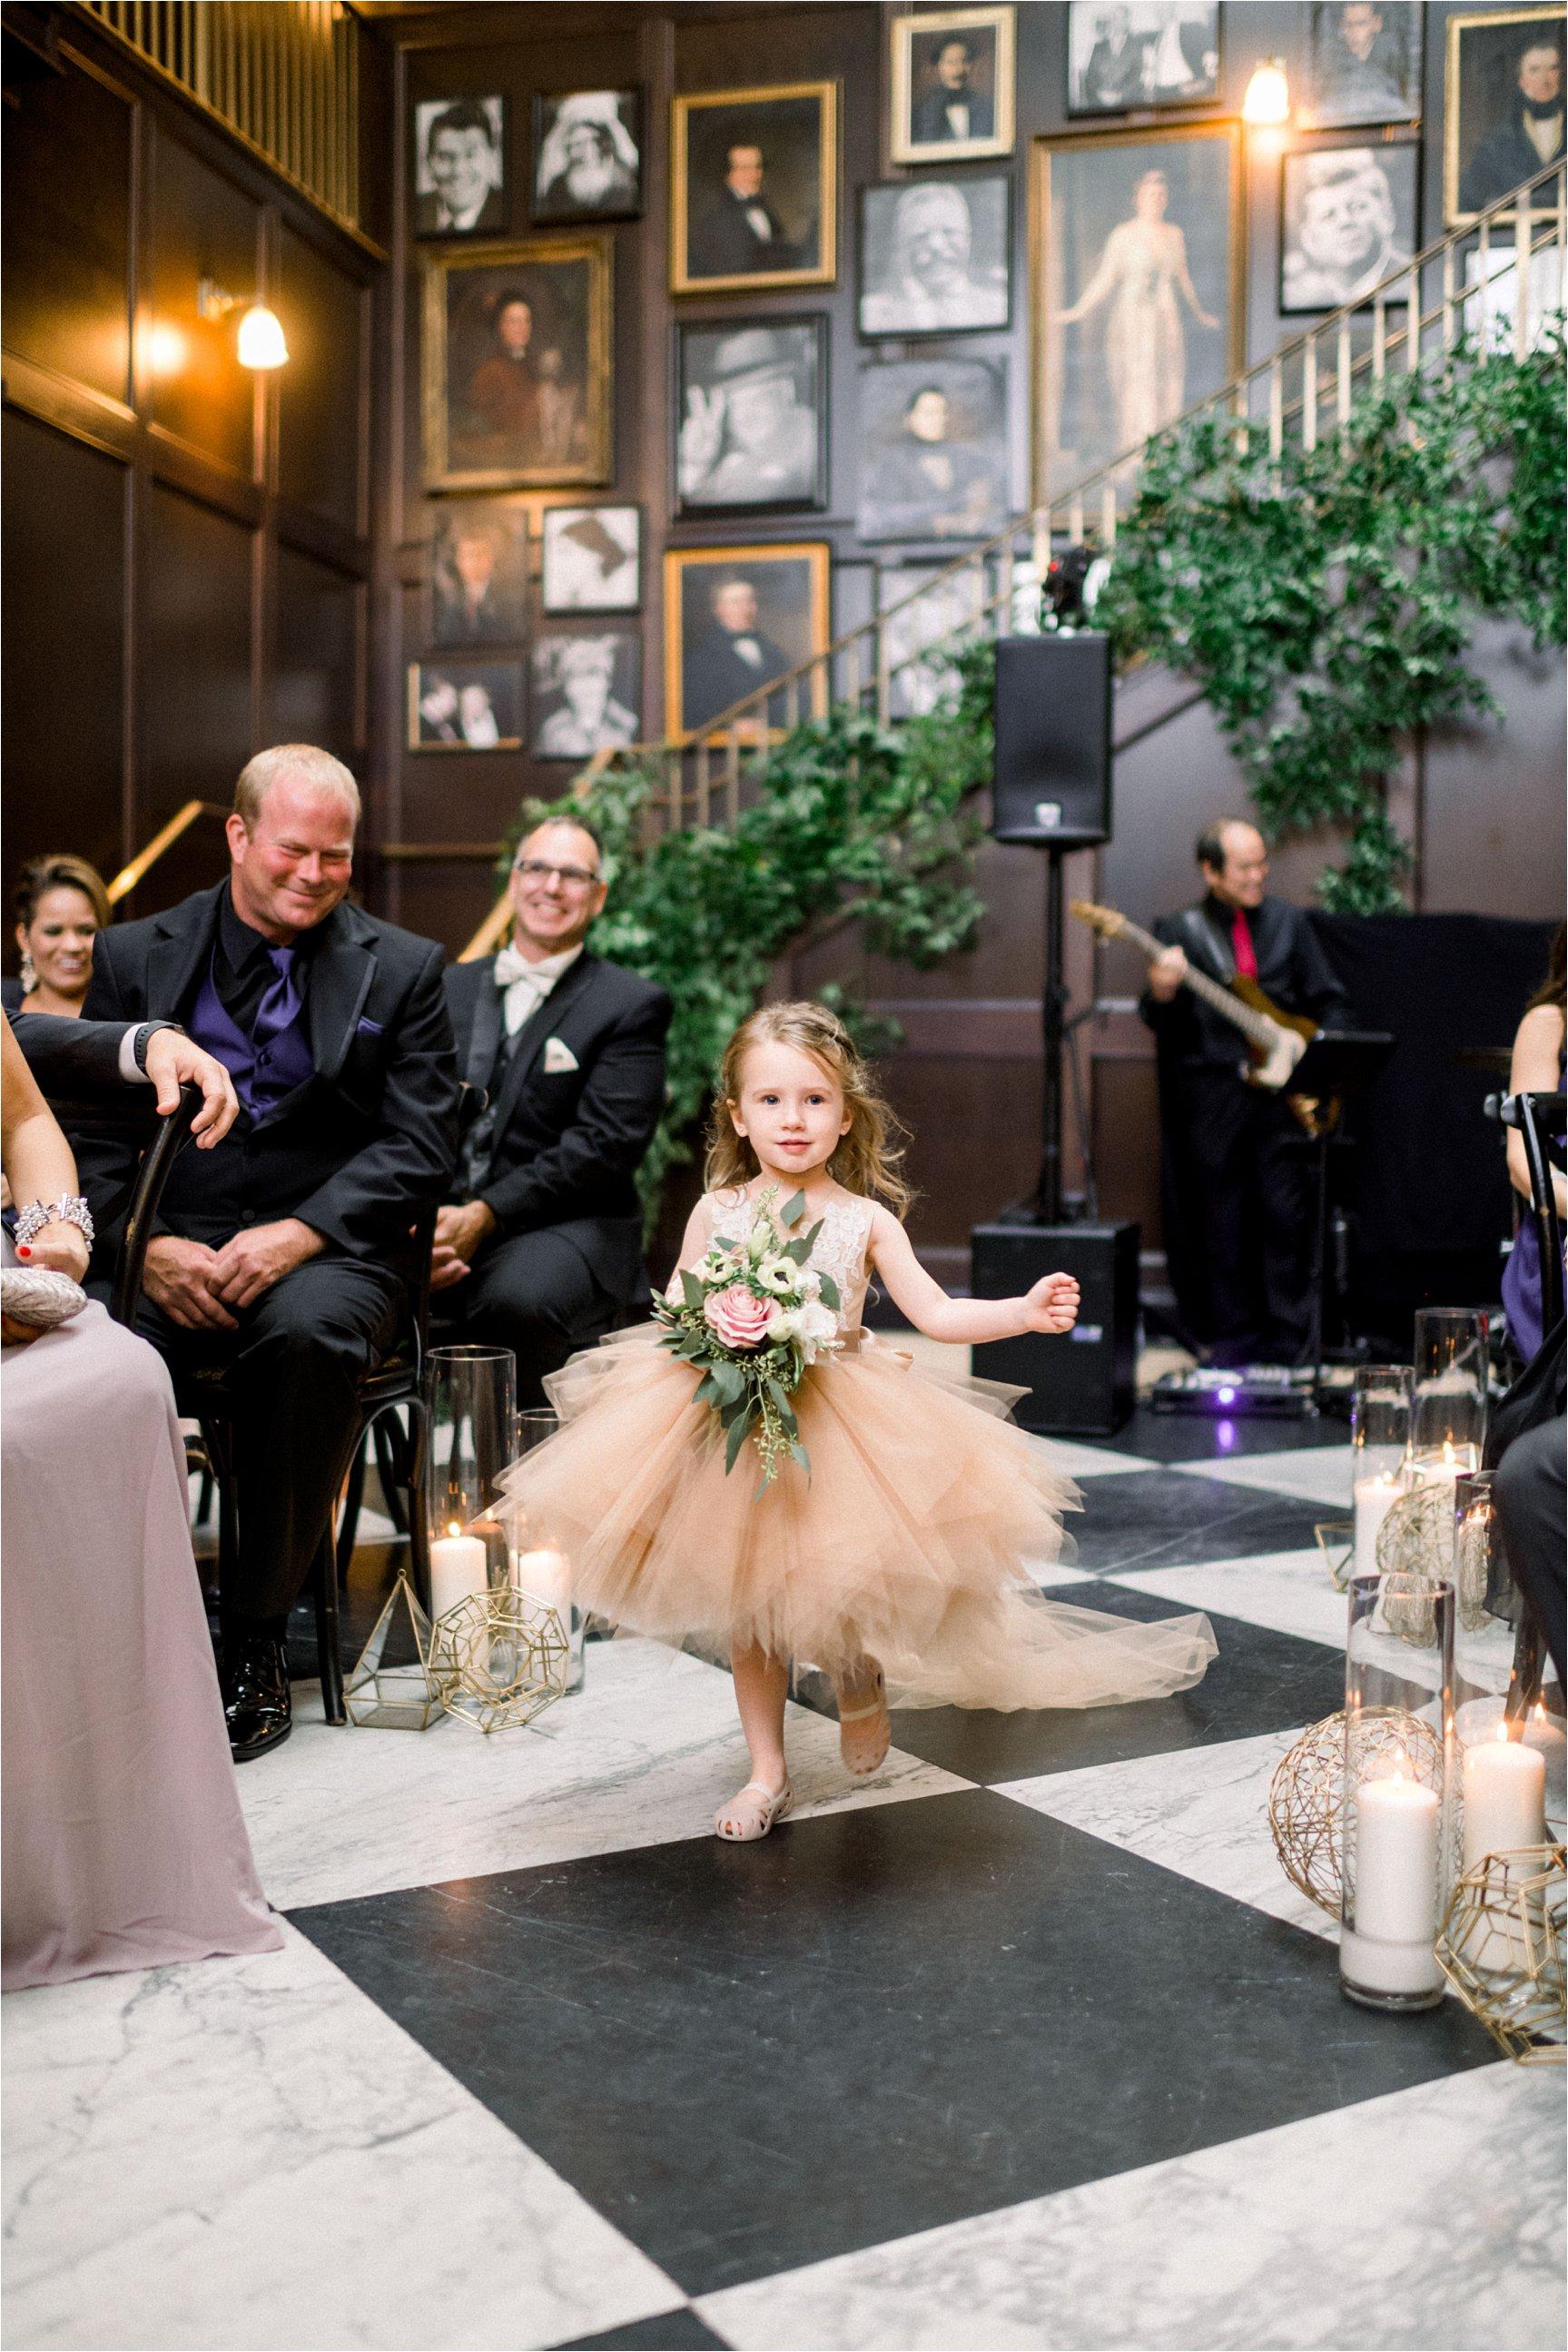 Oxford_Exchange_Wedding_Tampa144.JPG